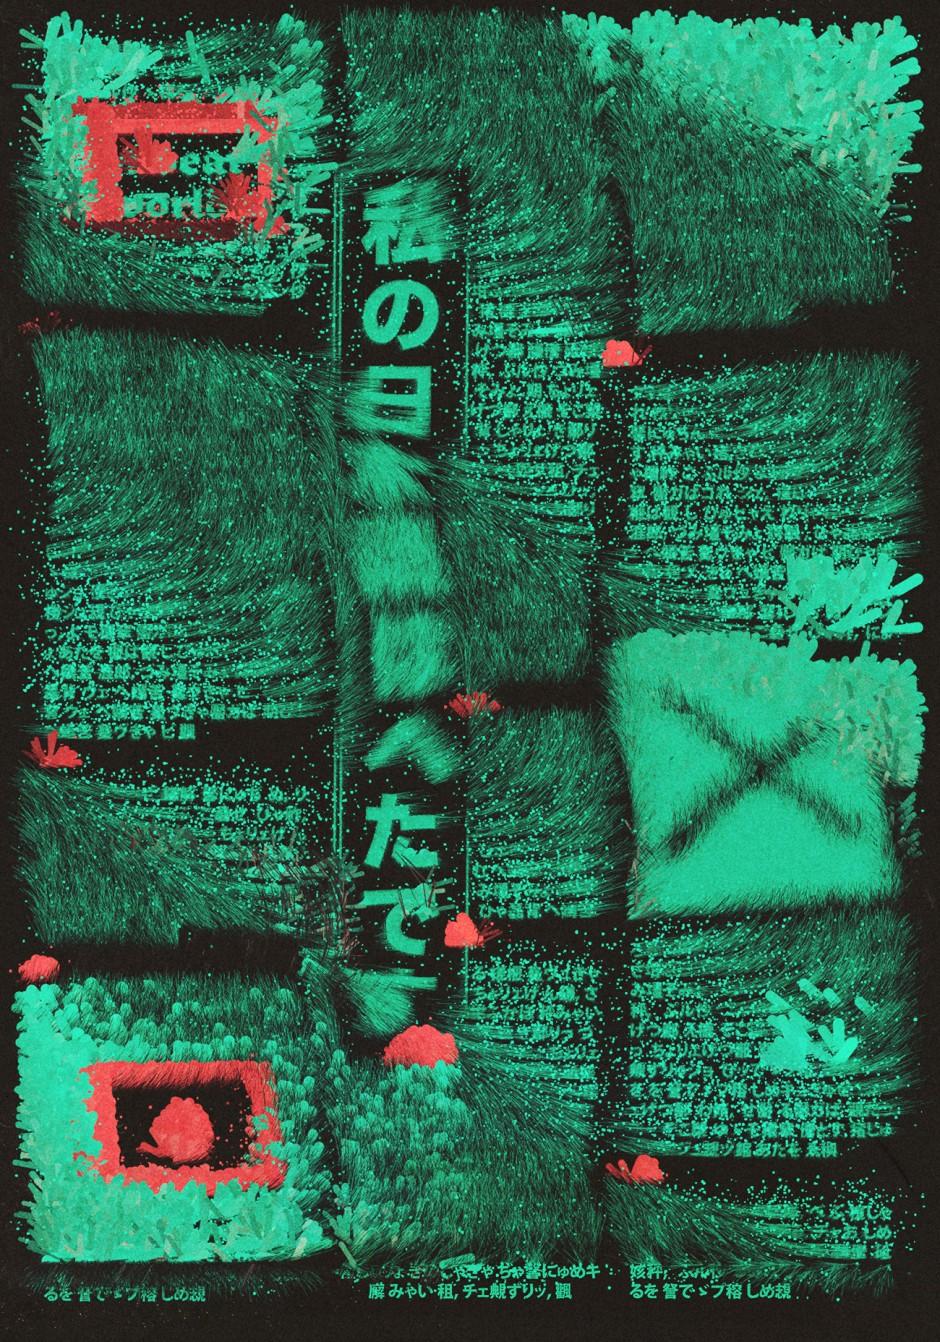 Soireé Graphique - The Honest Manifest, 2014